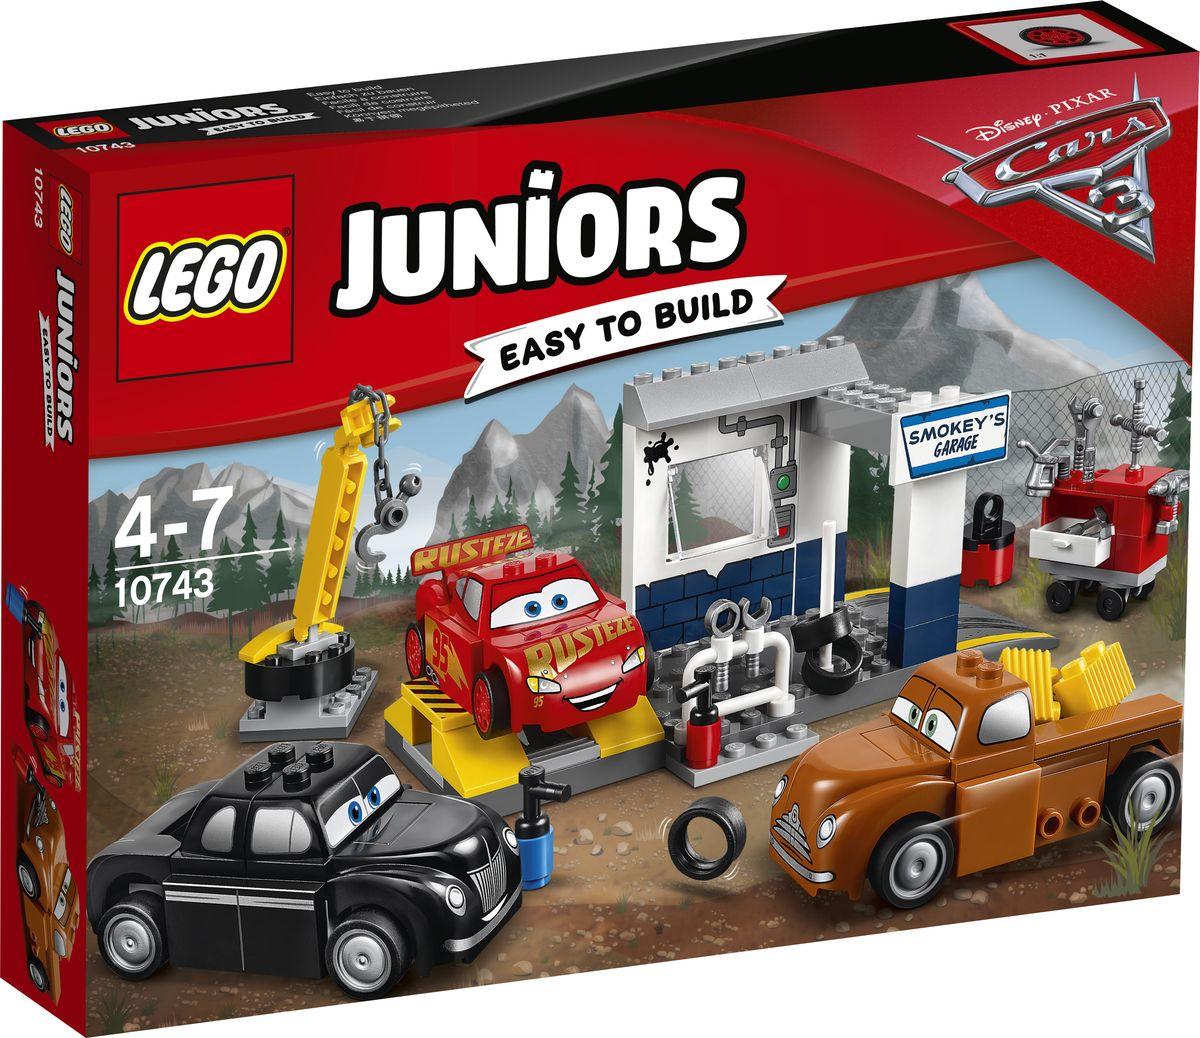 LEGO Juniors Конструктор Гараж Смоуки 10743 конструктор lego juniors устройство для запуска молнии маккуина 10730